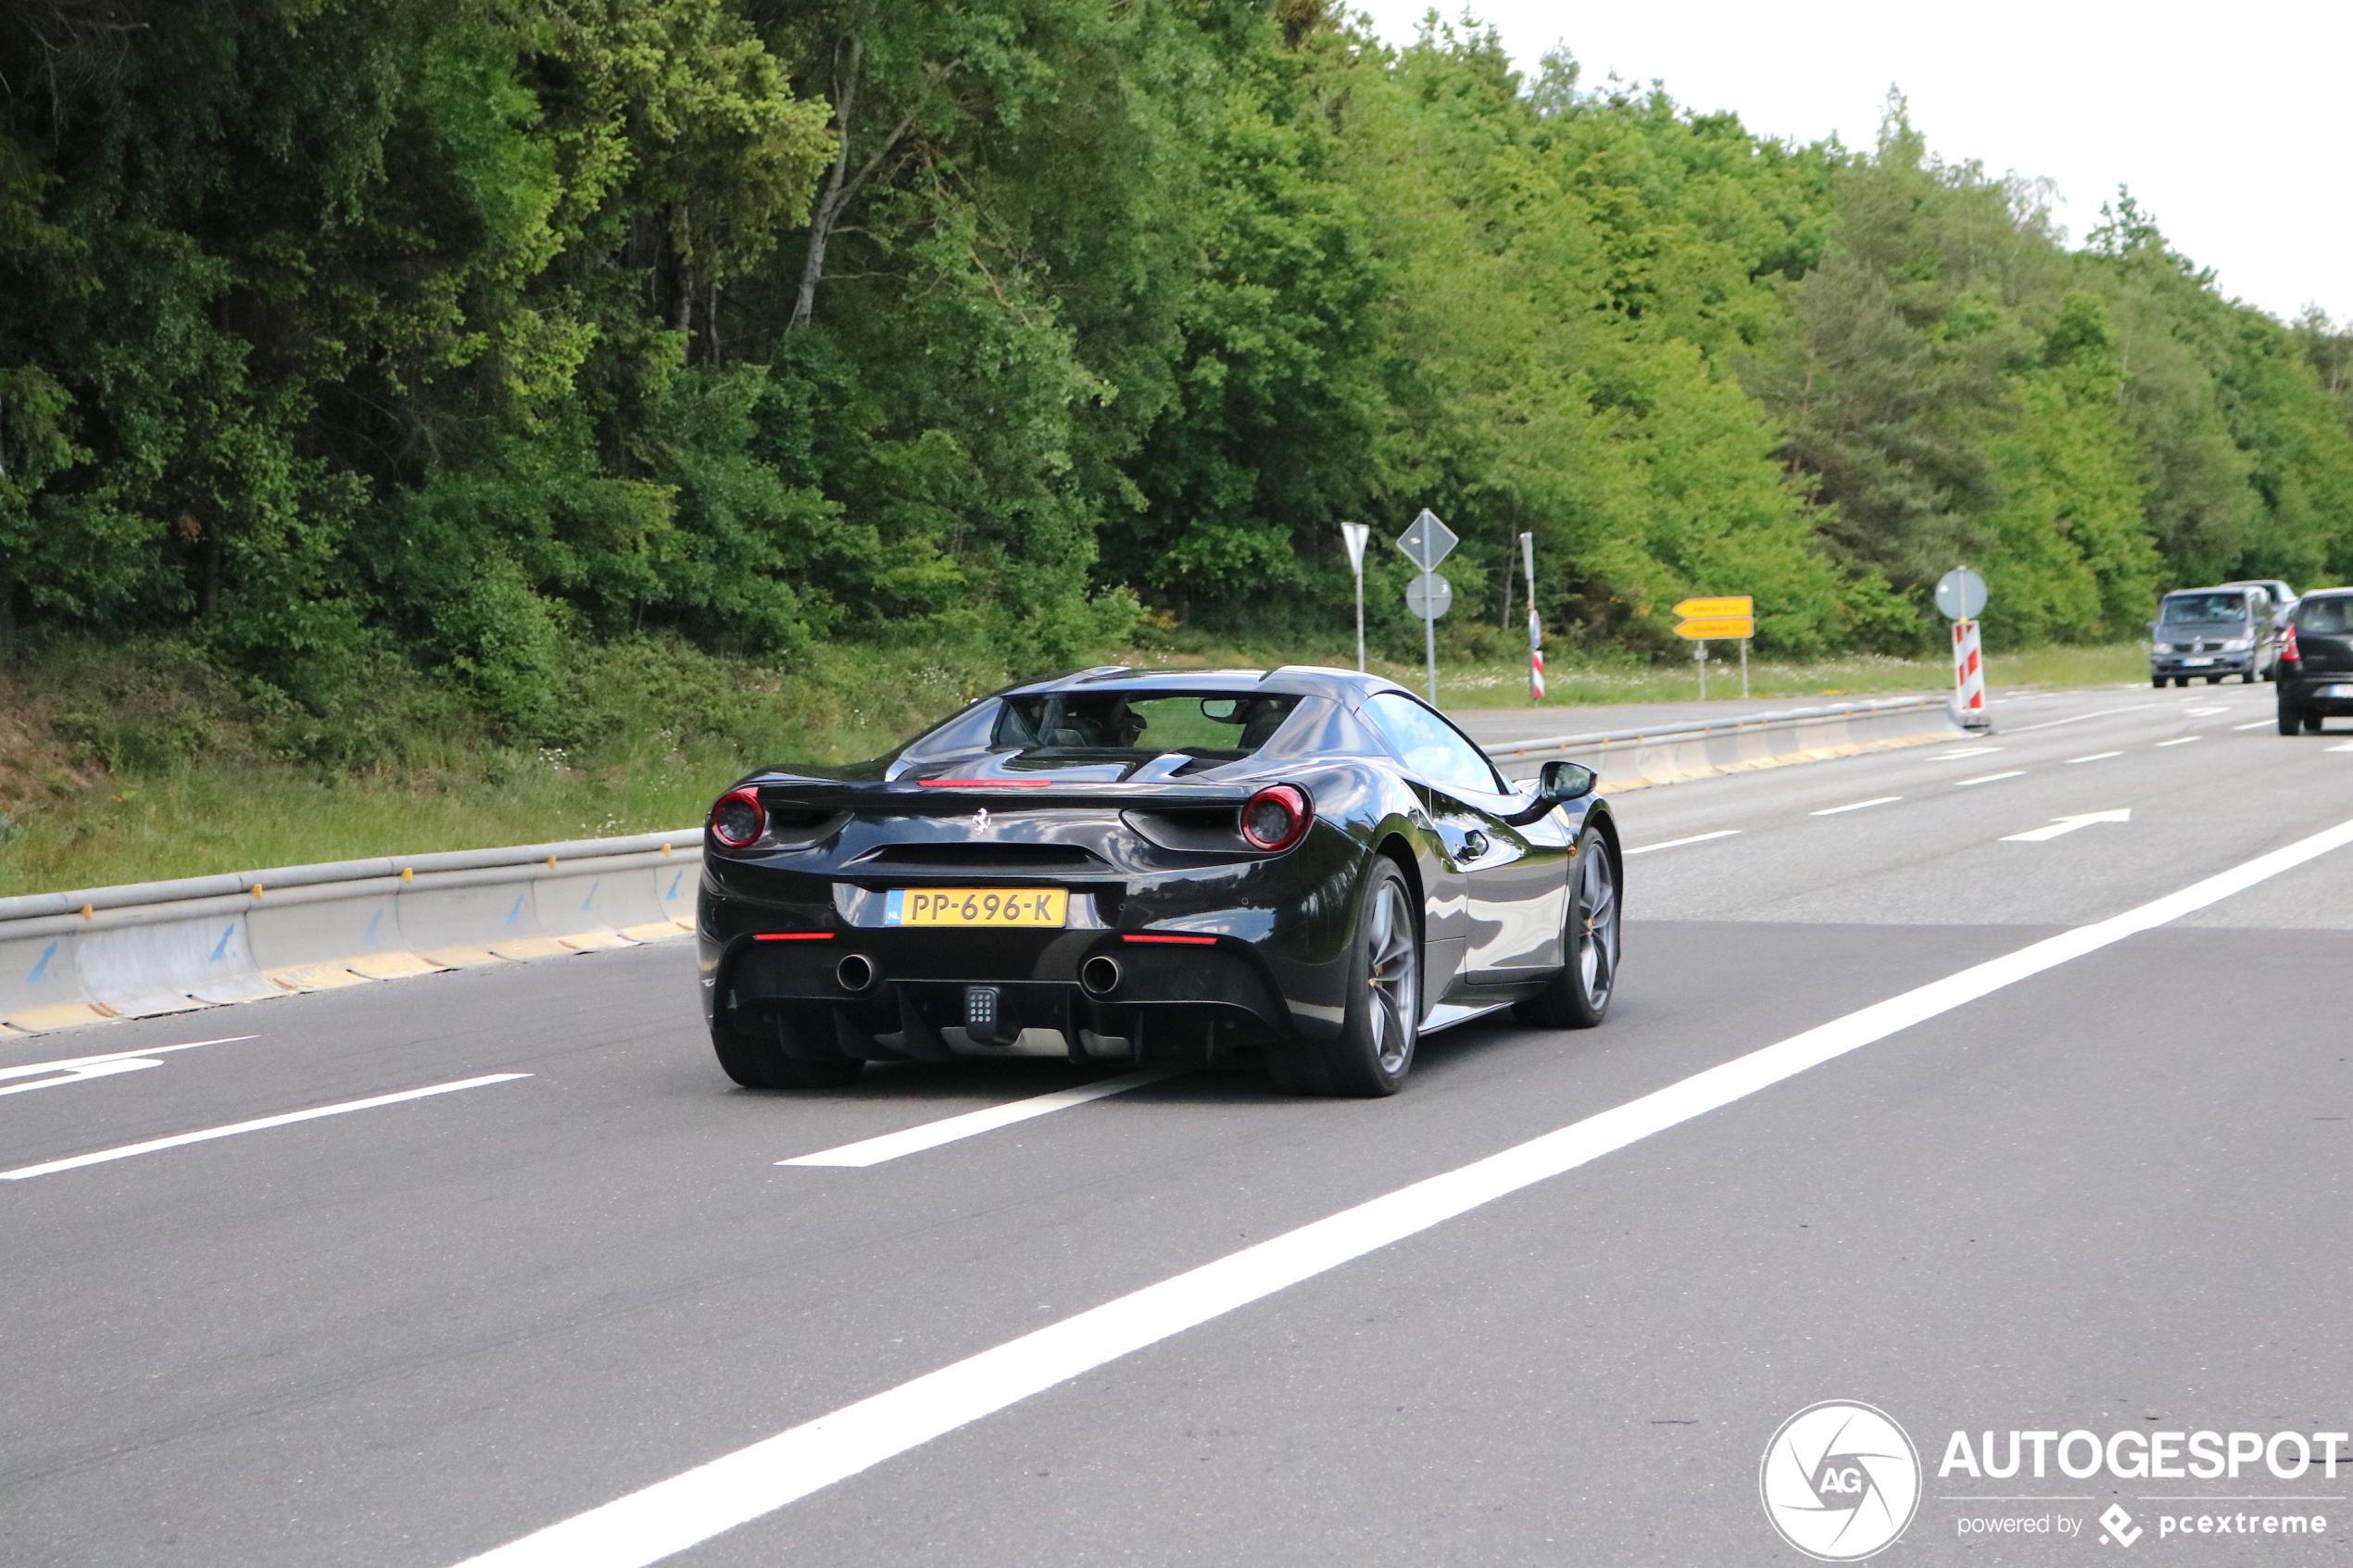 Zou deze Ferrari 488 Spider het aangedurfd hebben?